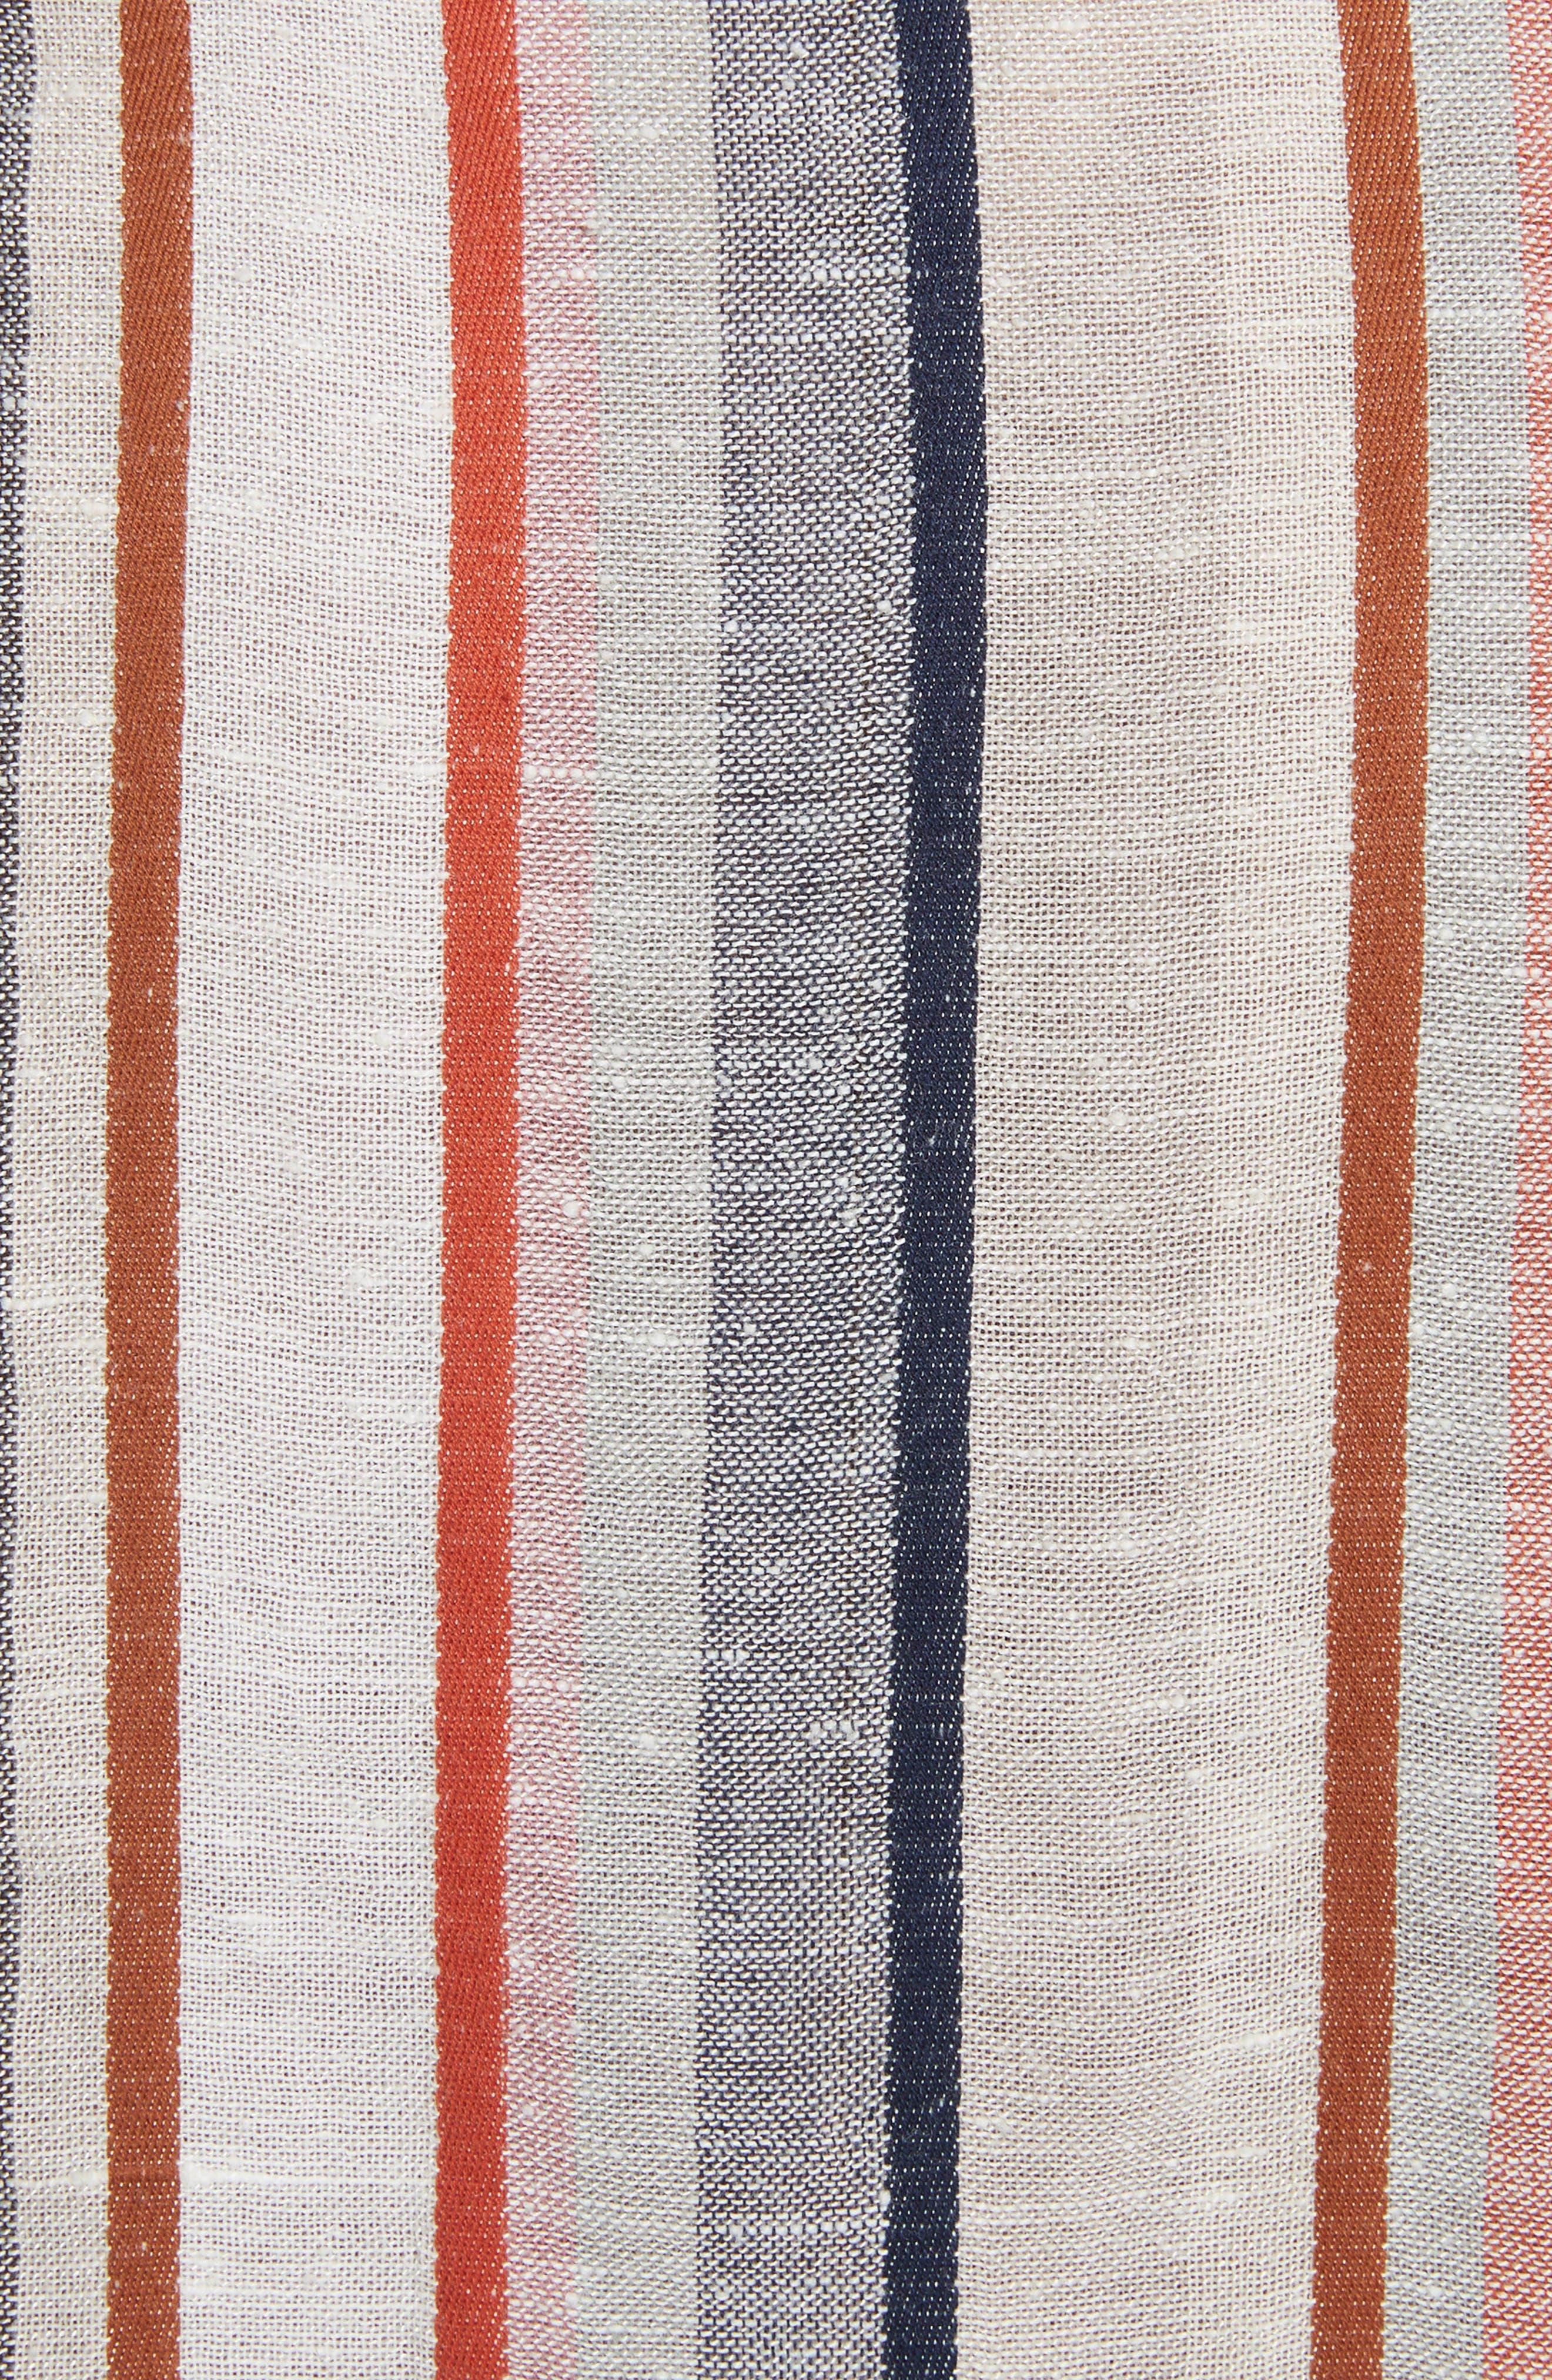 Wrap It Up Stripe Wrap Dress,                             Alternate thumbnail 5, color,                             Assort